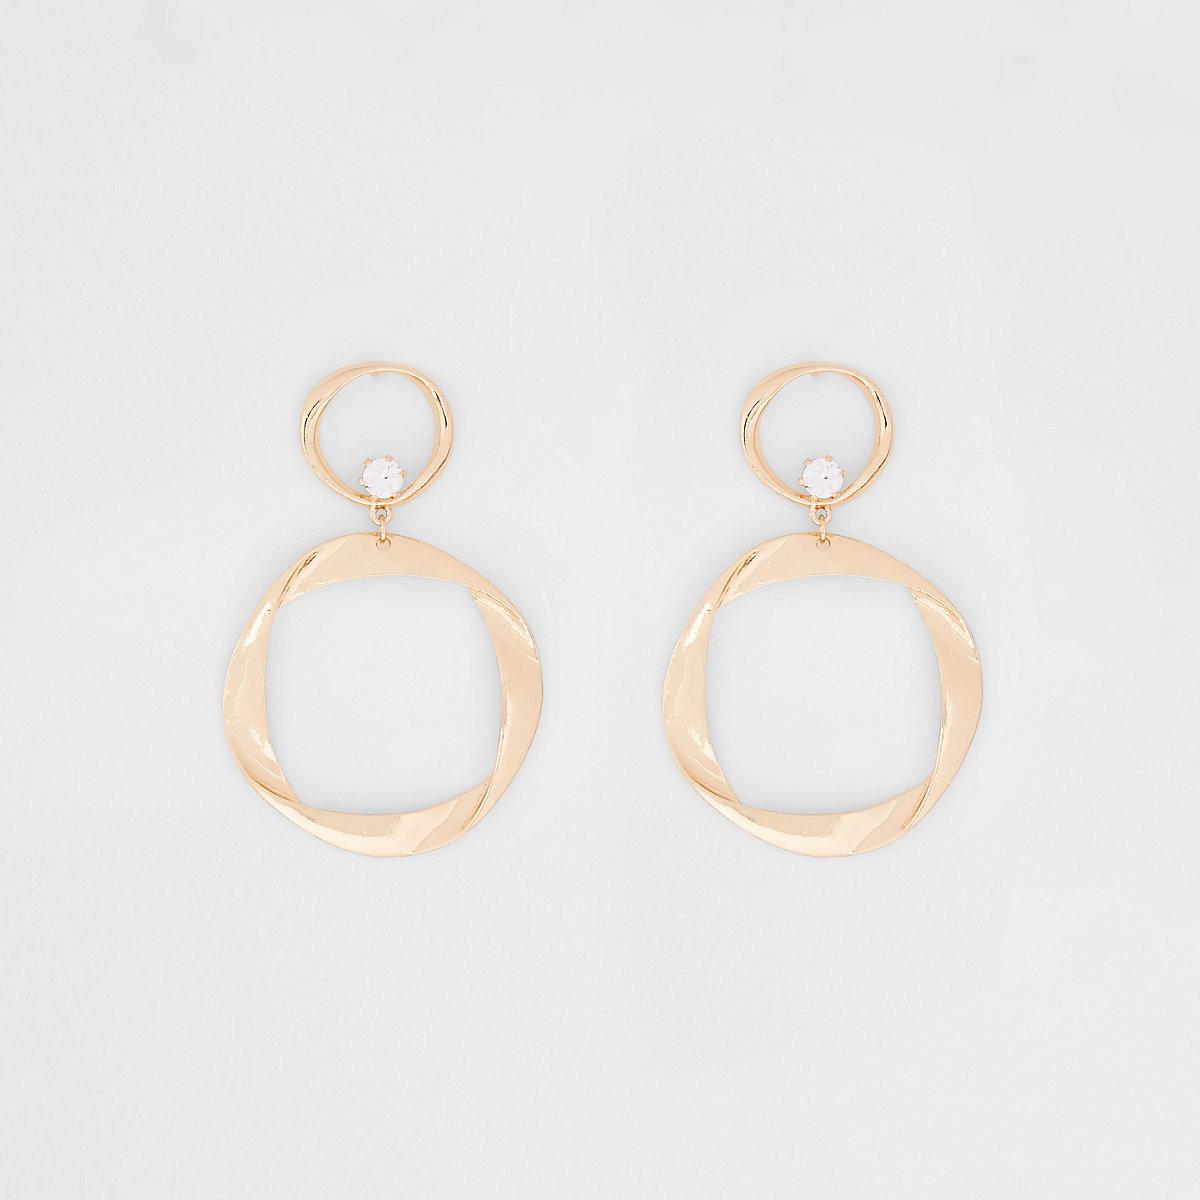 Gold tone folded hoop drop earrings